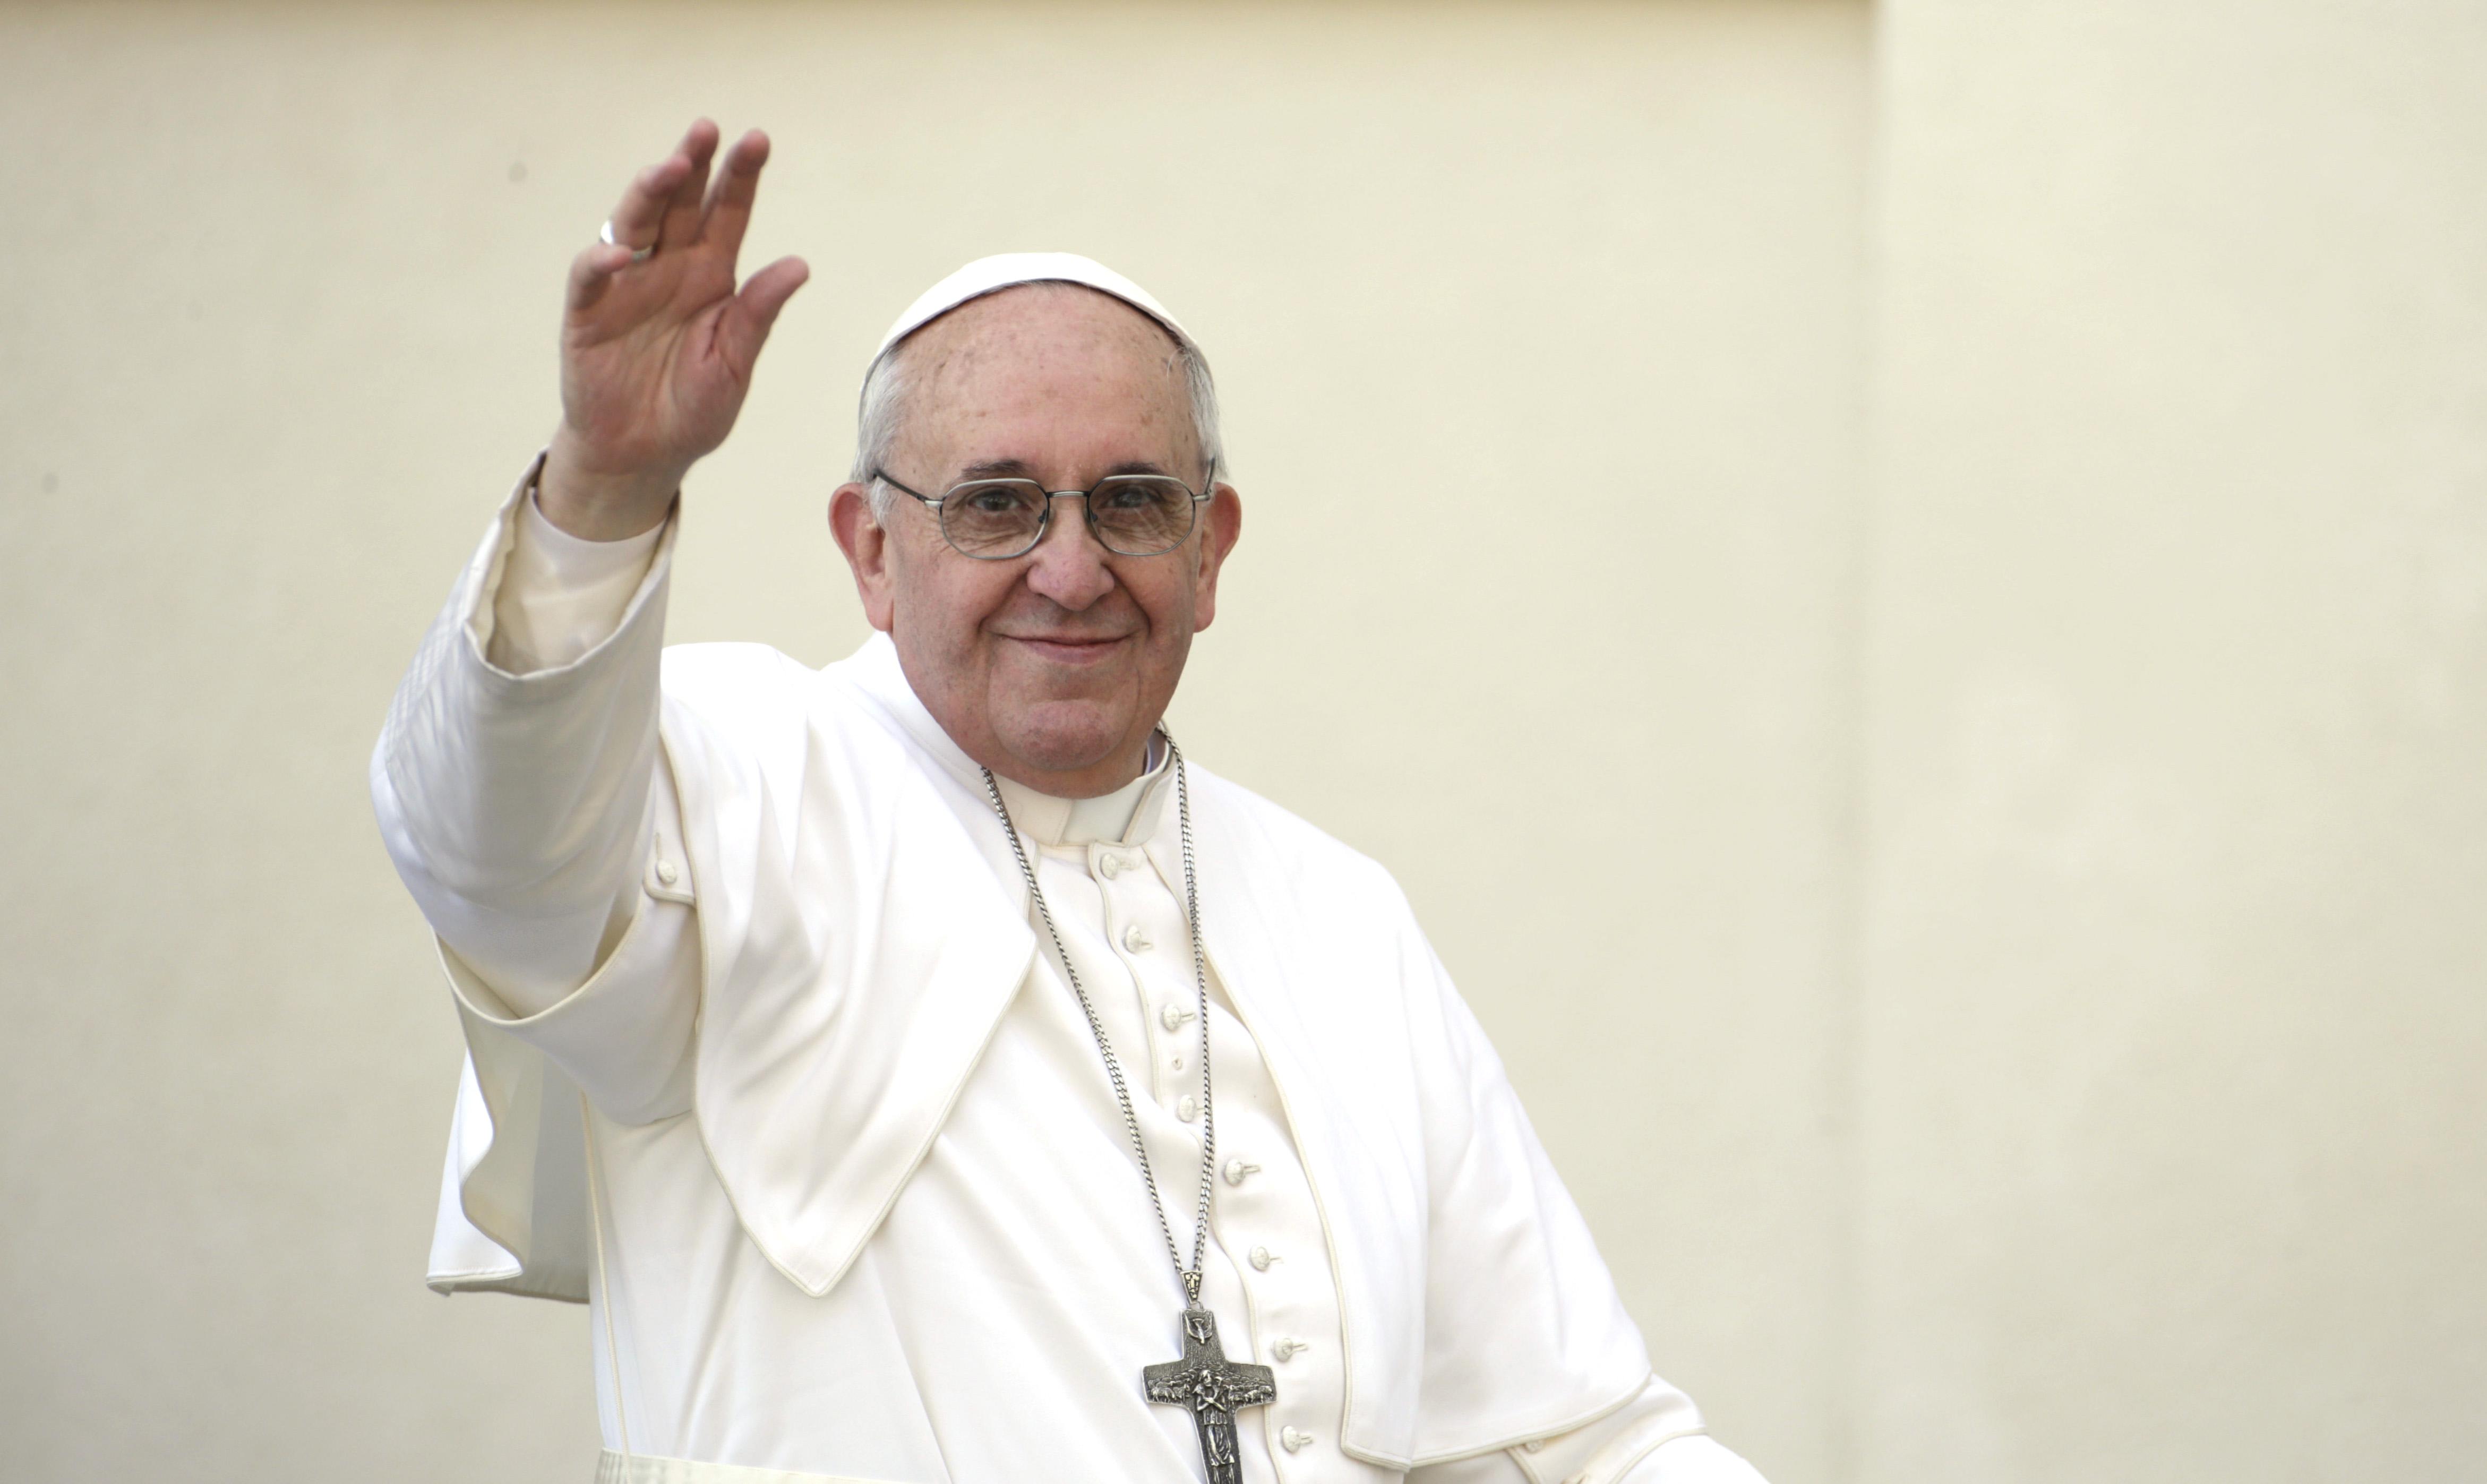 ¿Por qué la visita de Francisco puede (o no) considerarse de jefe de Estado?